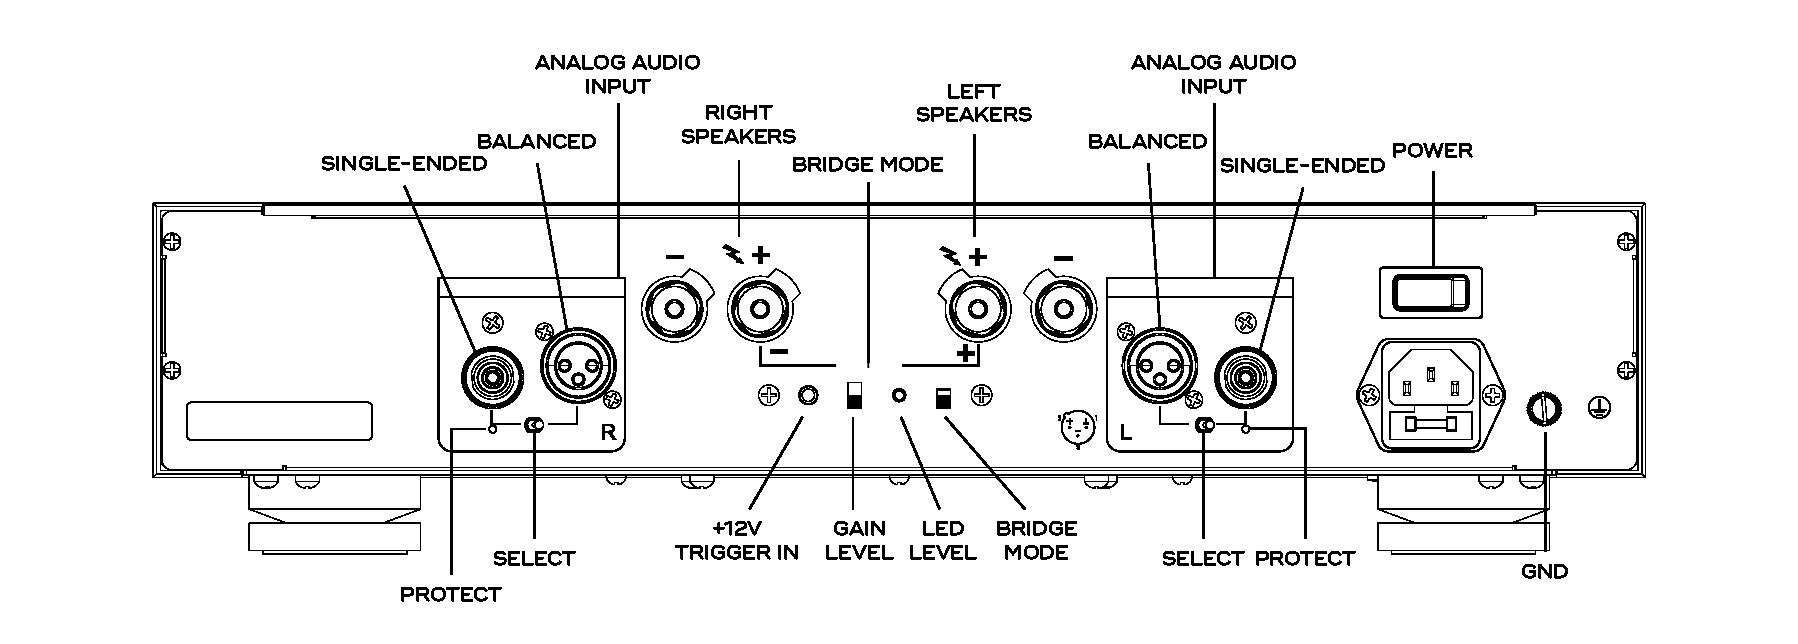 M22 V2 - NAD Electronics